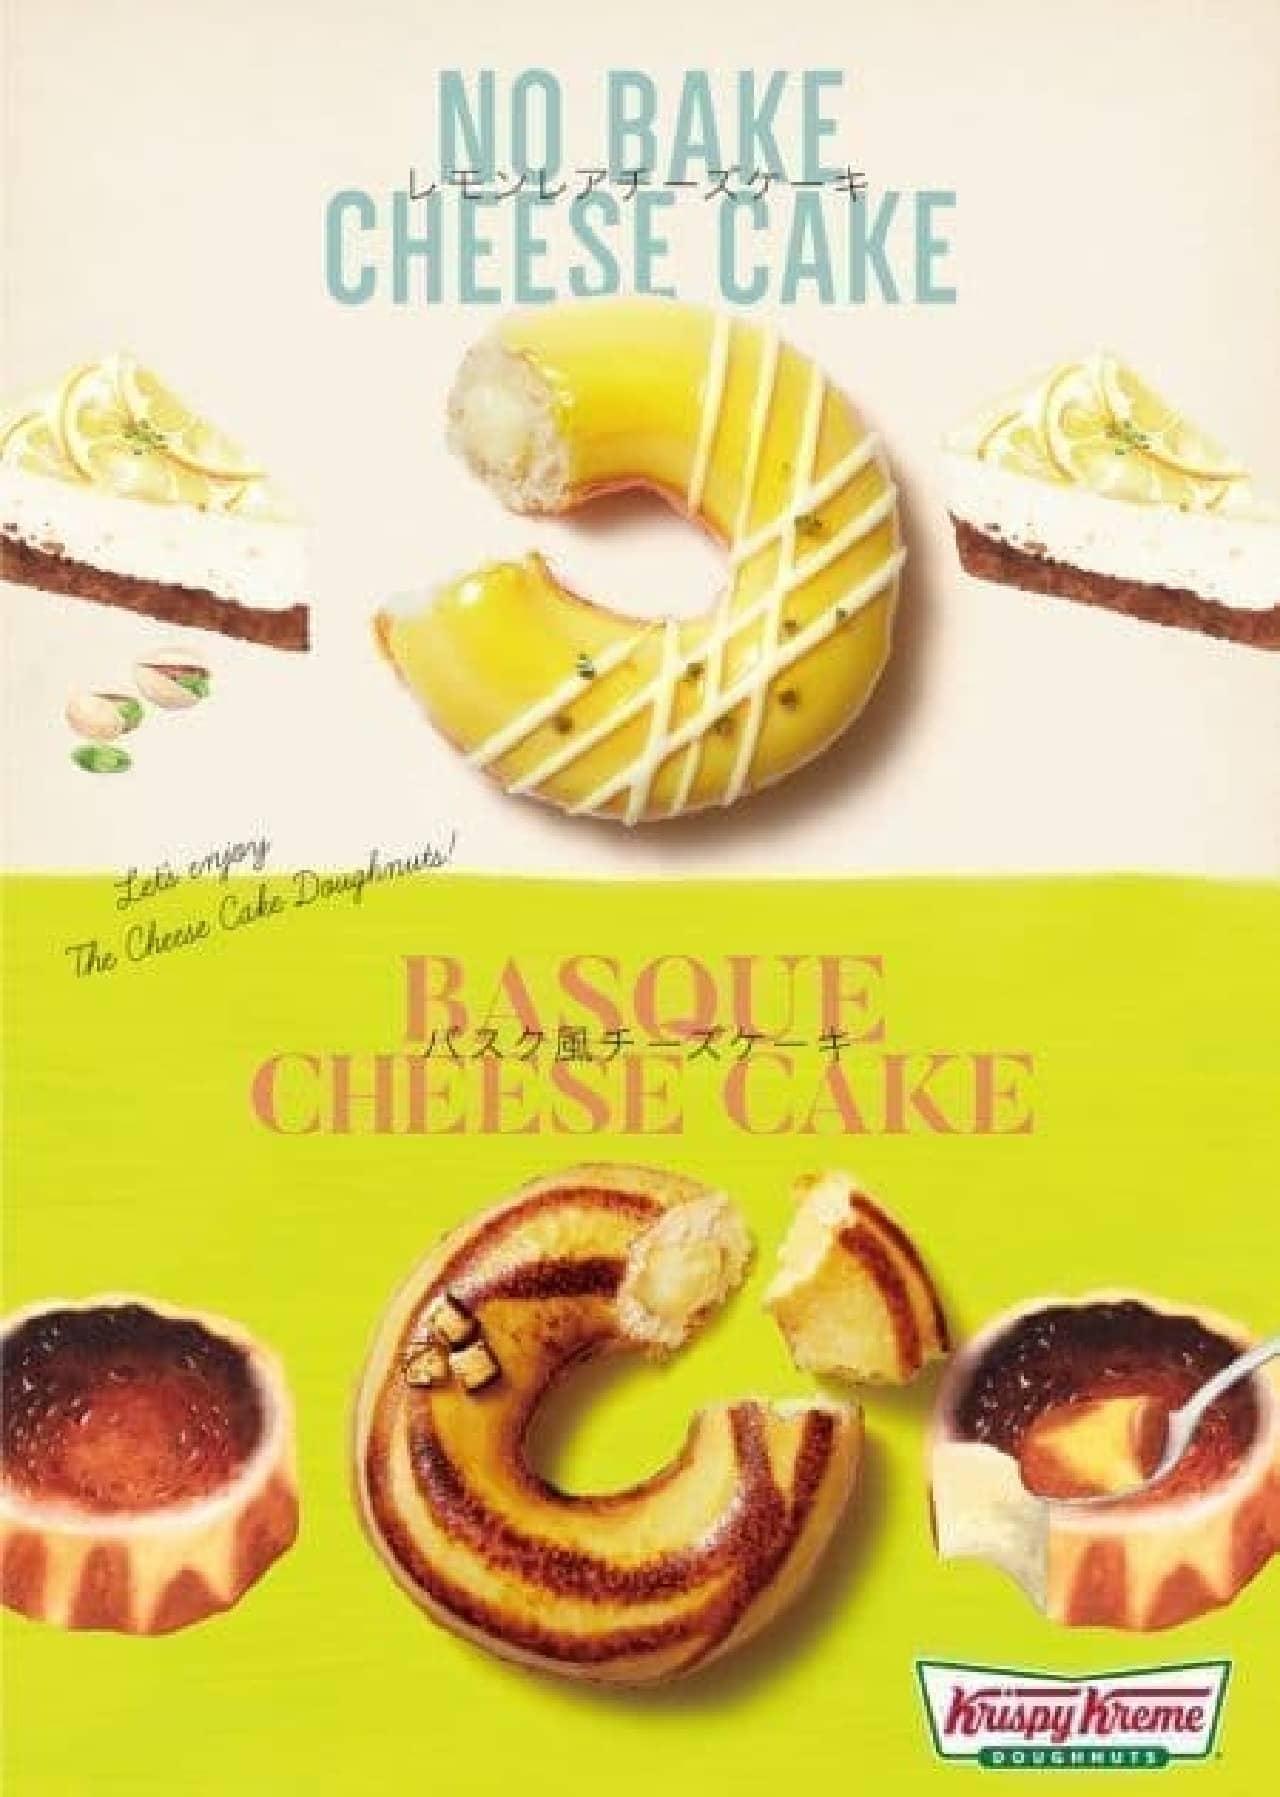 クリスピー・クリーム・ドーナツの新作「バスク風 チーズケーキ」「レモン レア チーズケーキ」